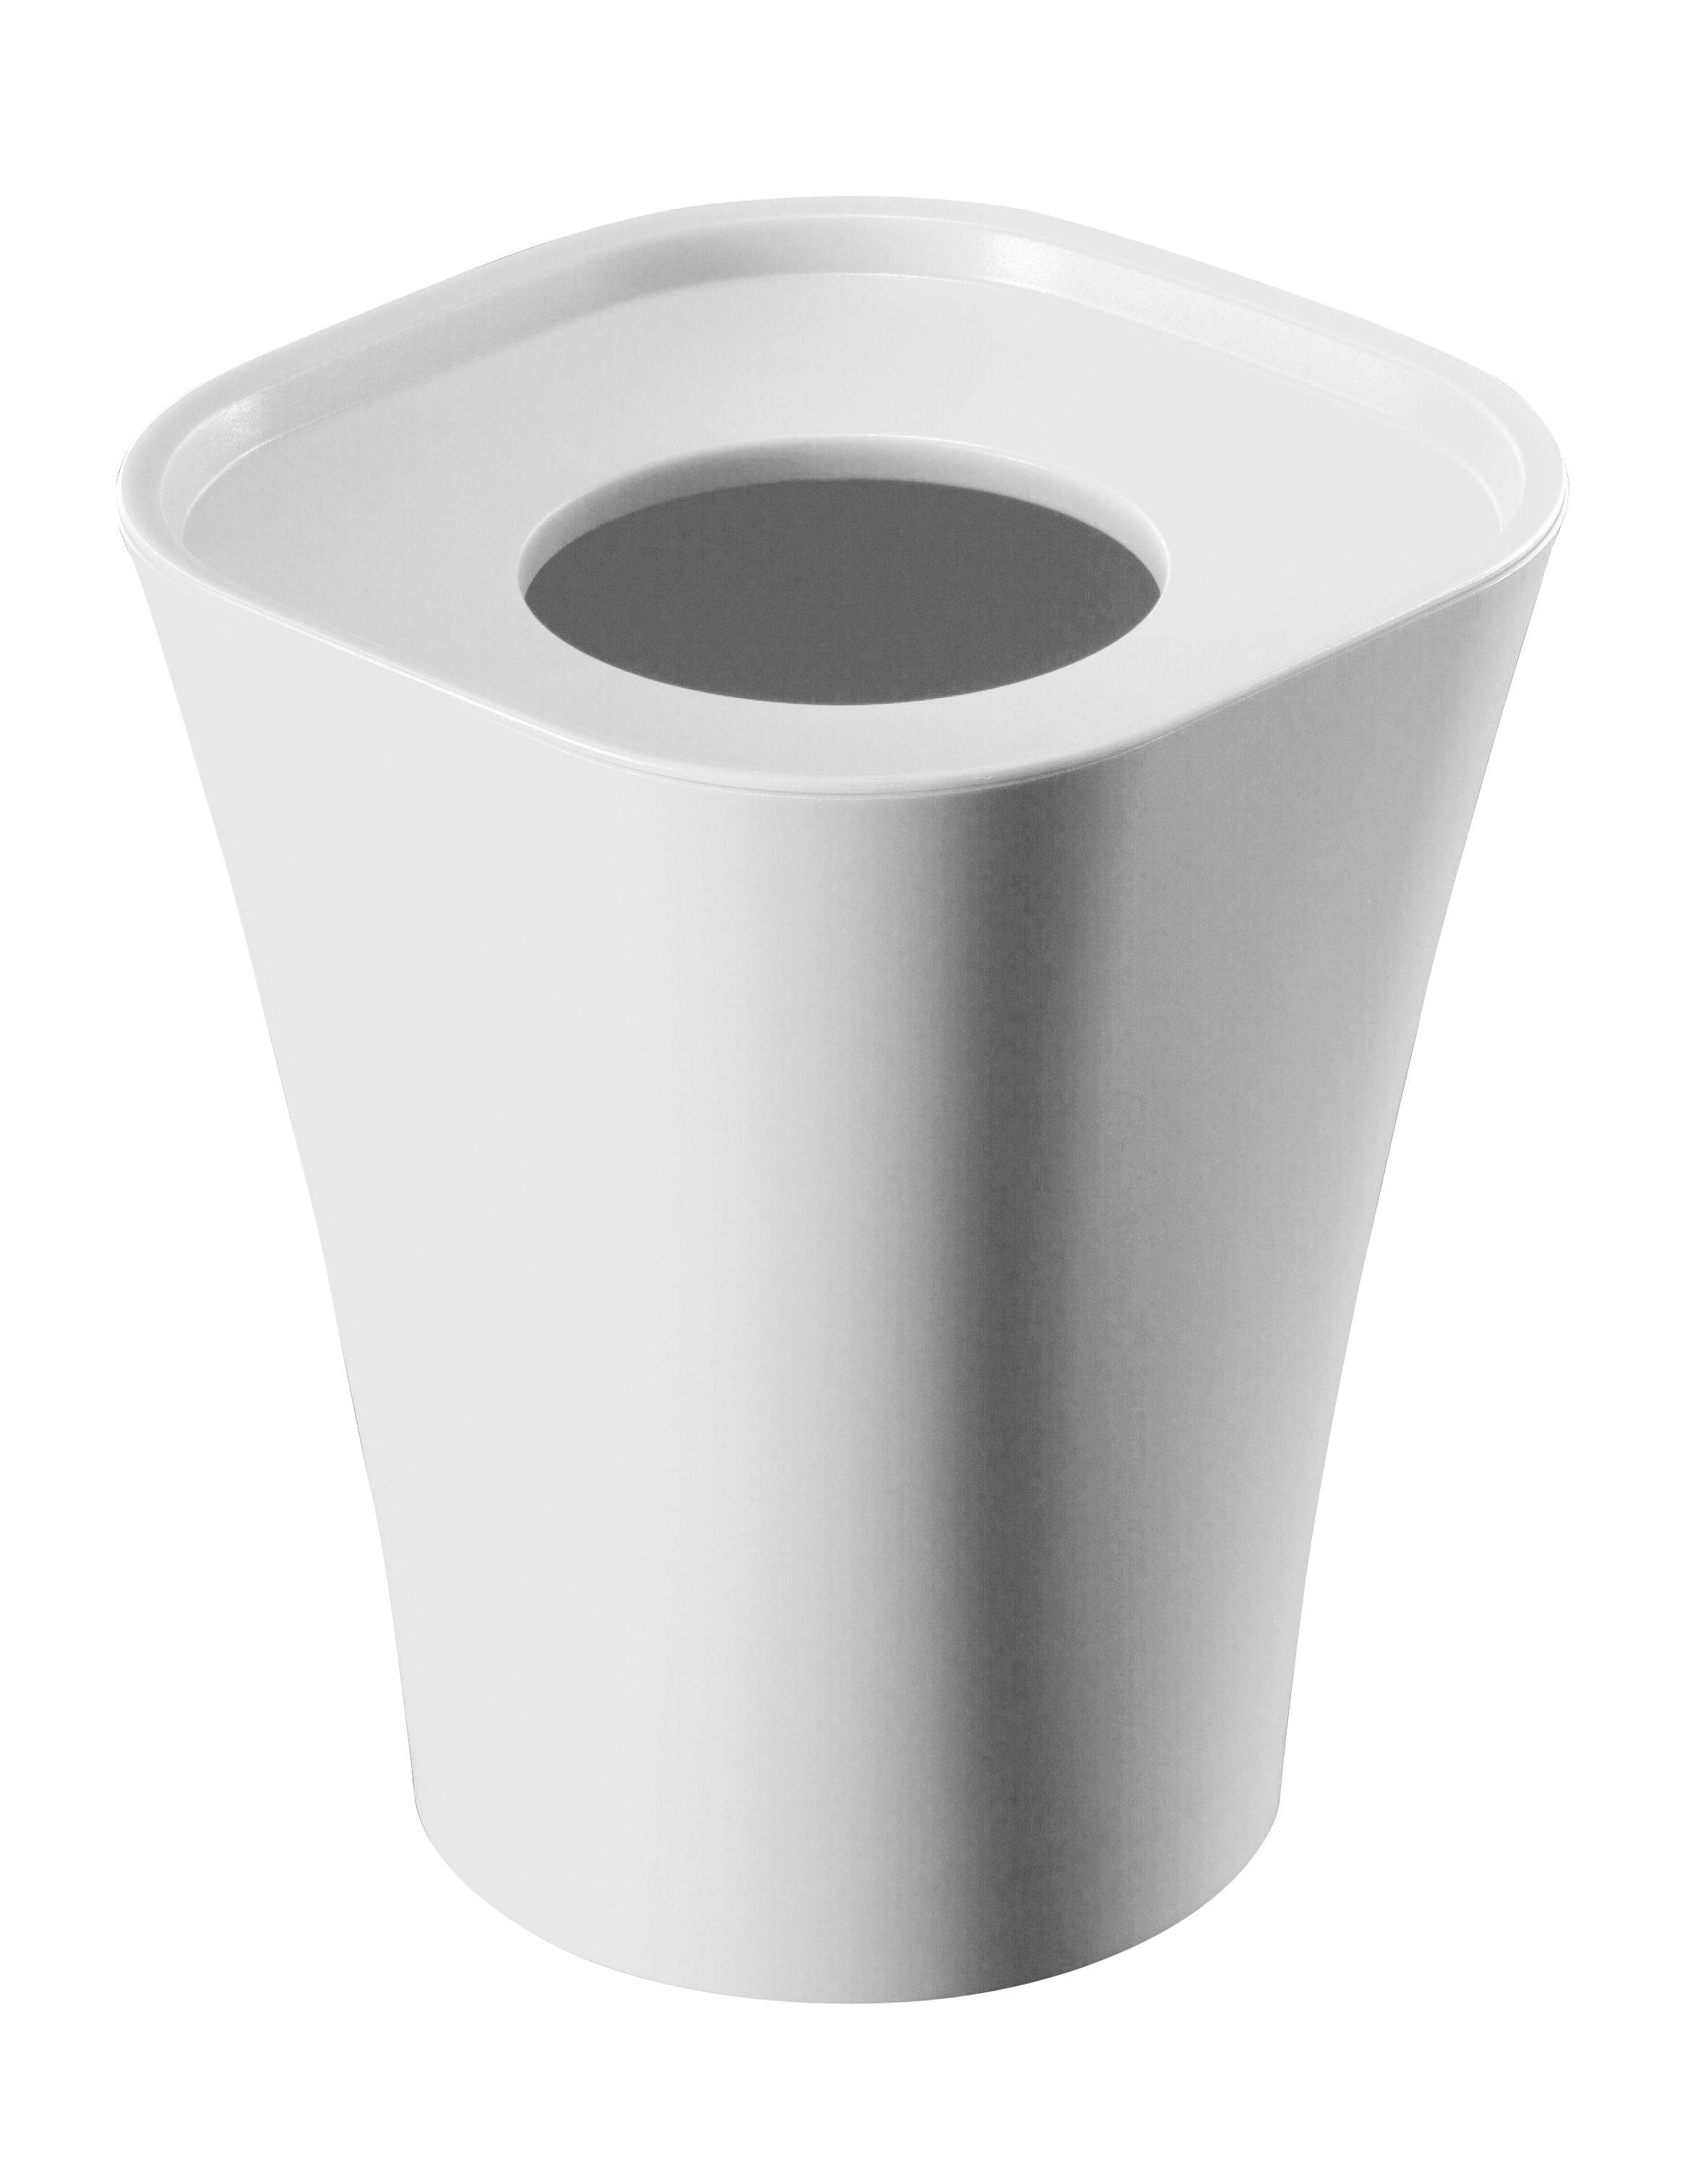 Déco - Salle de bains - Poubelle Trash H 36 cm - Magis - Blanc cassé - Polypropylène